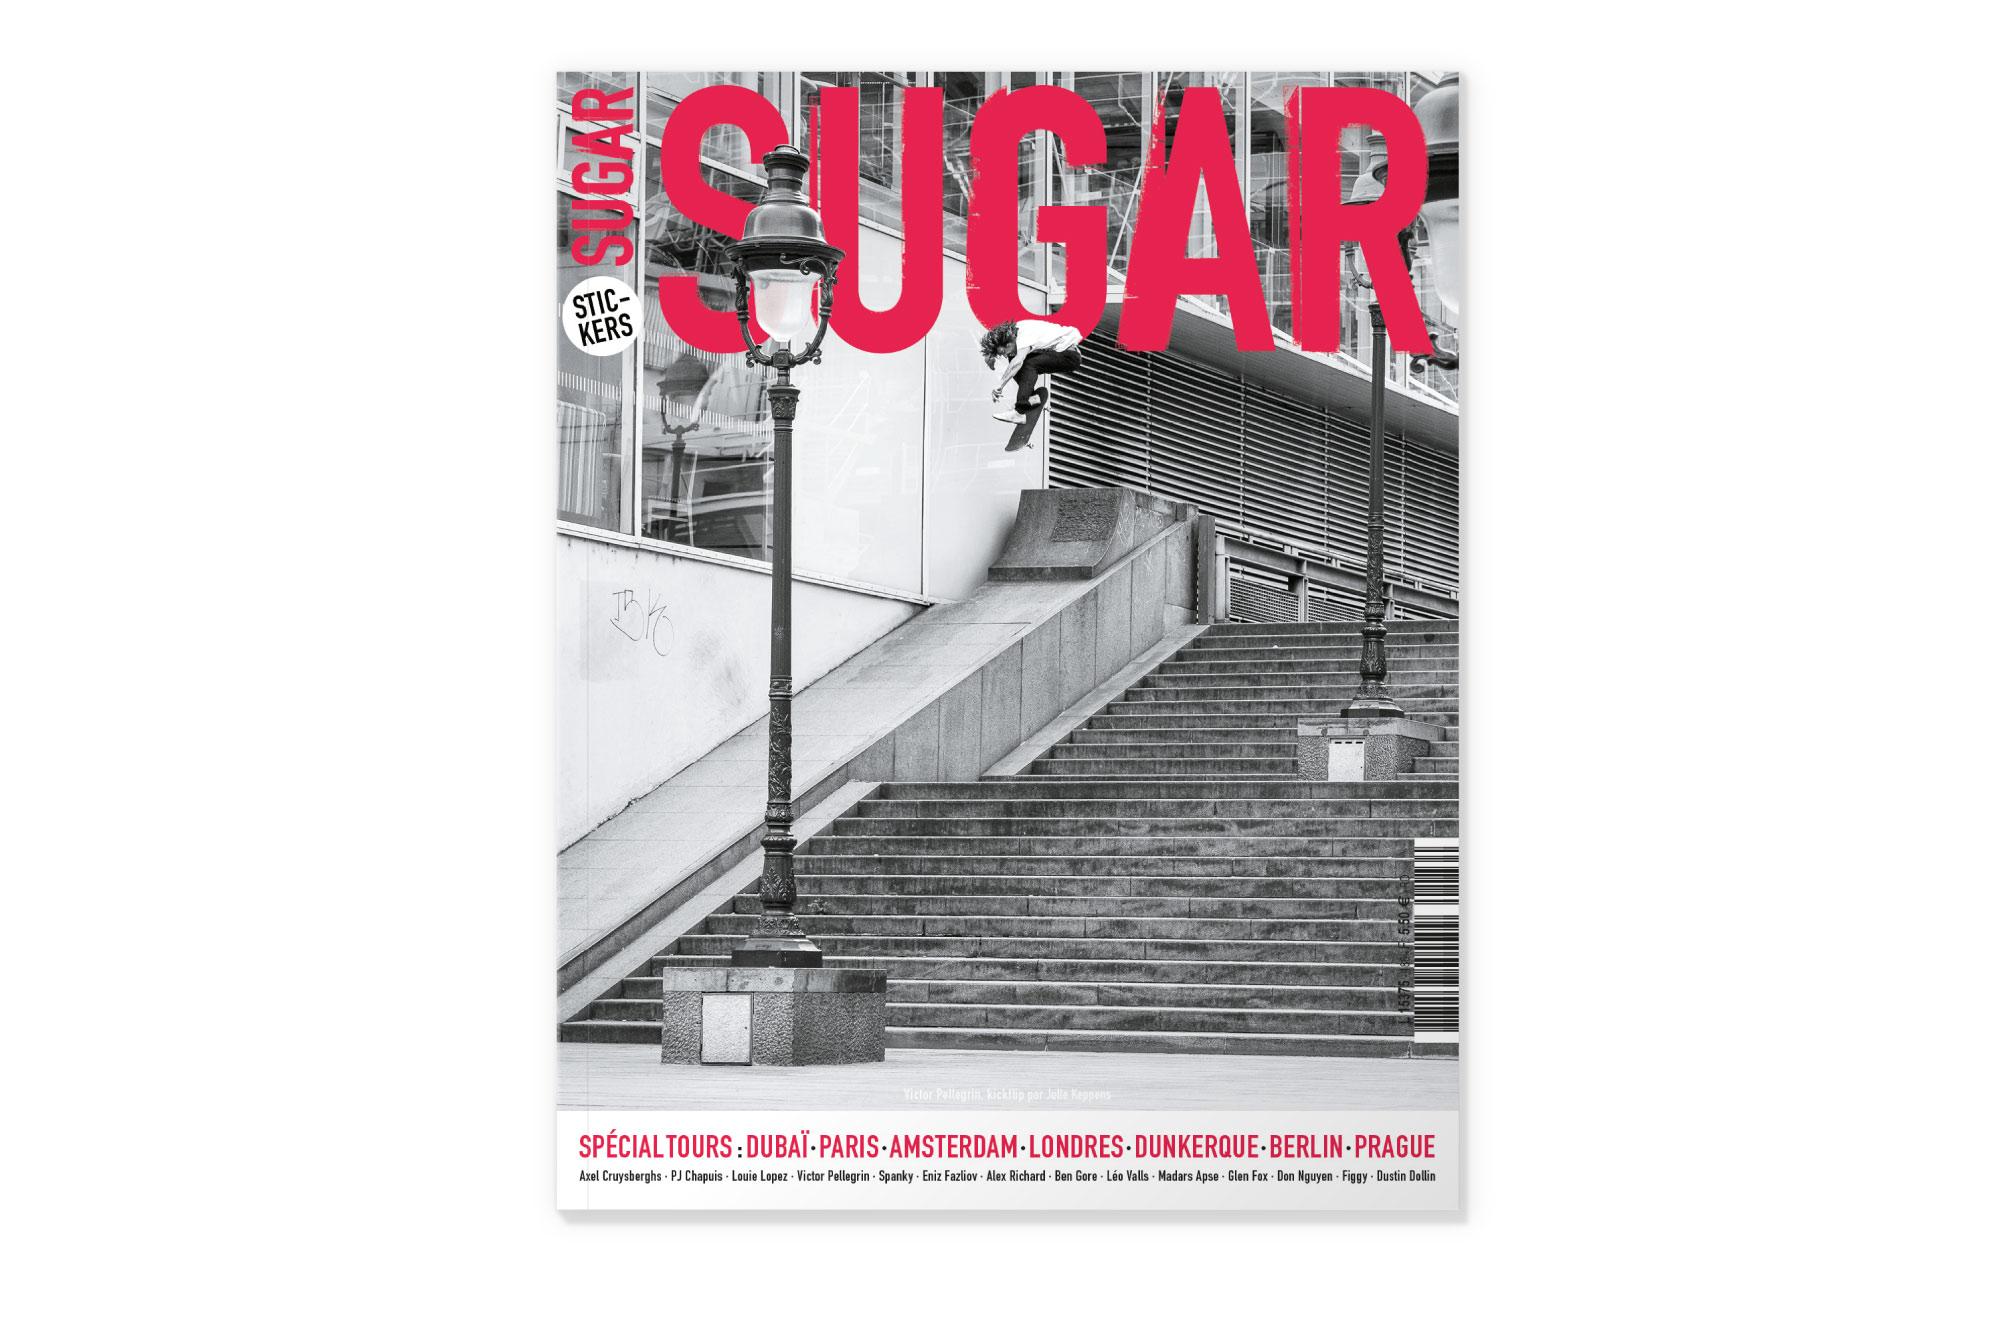 couverture Sugar skateboard magazine 186 spécial tours